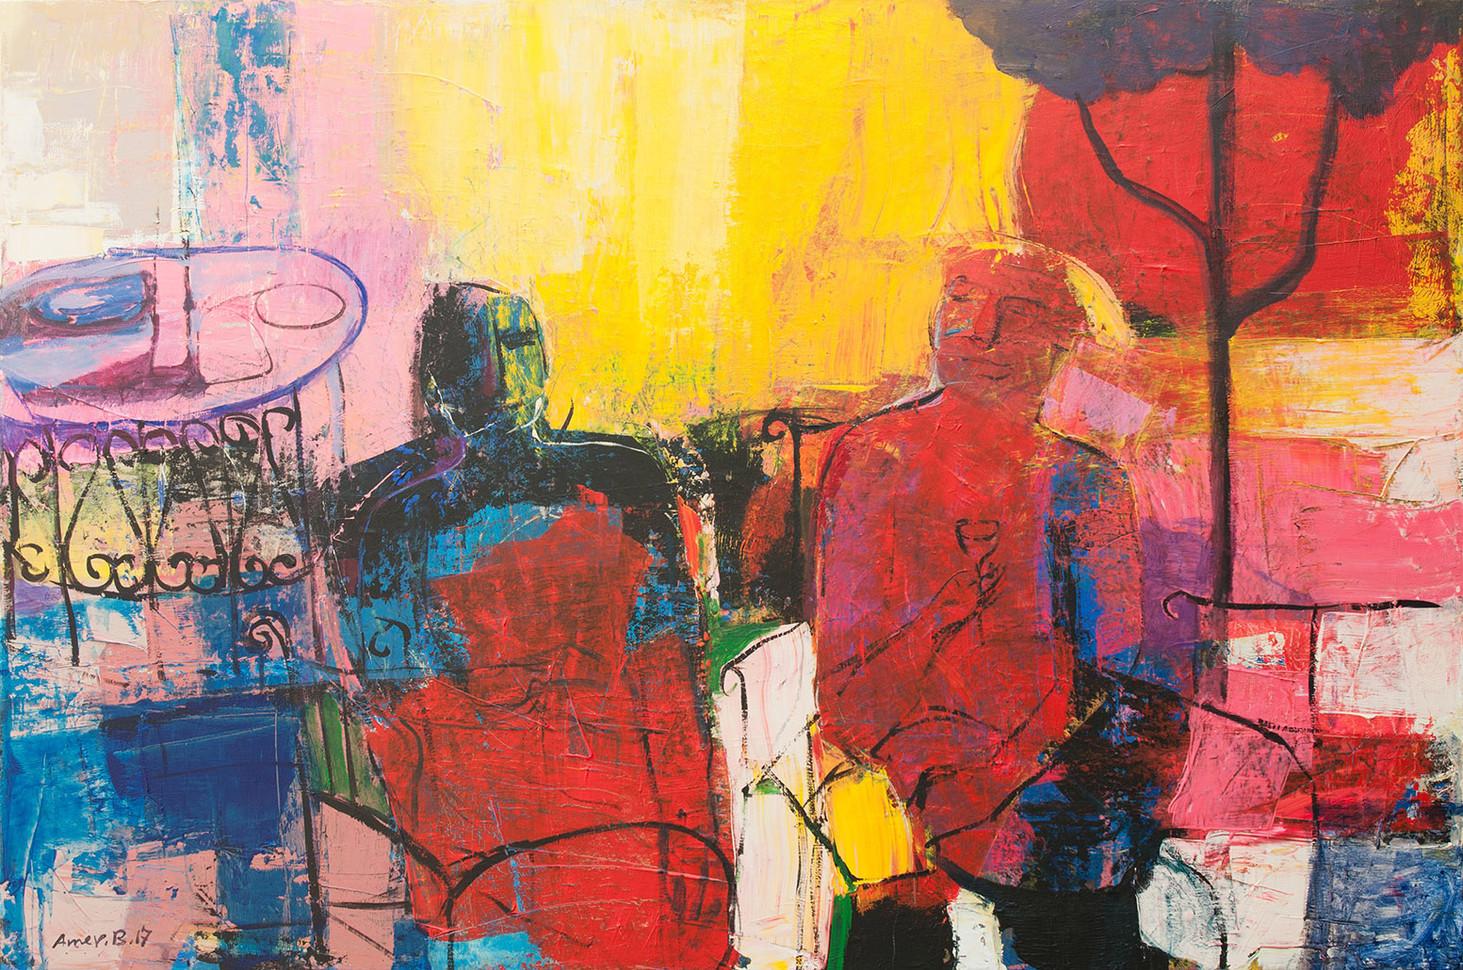 150 x 100  cm  ,  Acrylic on canvas  ,   2017